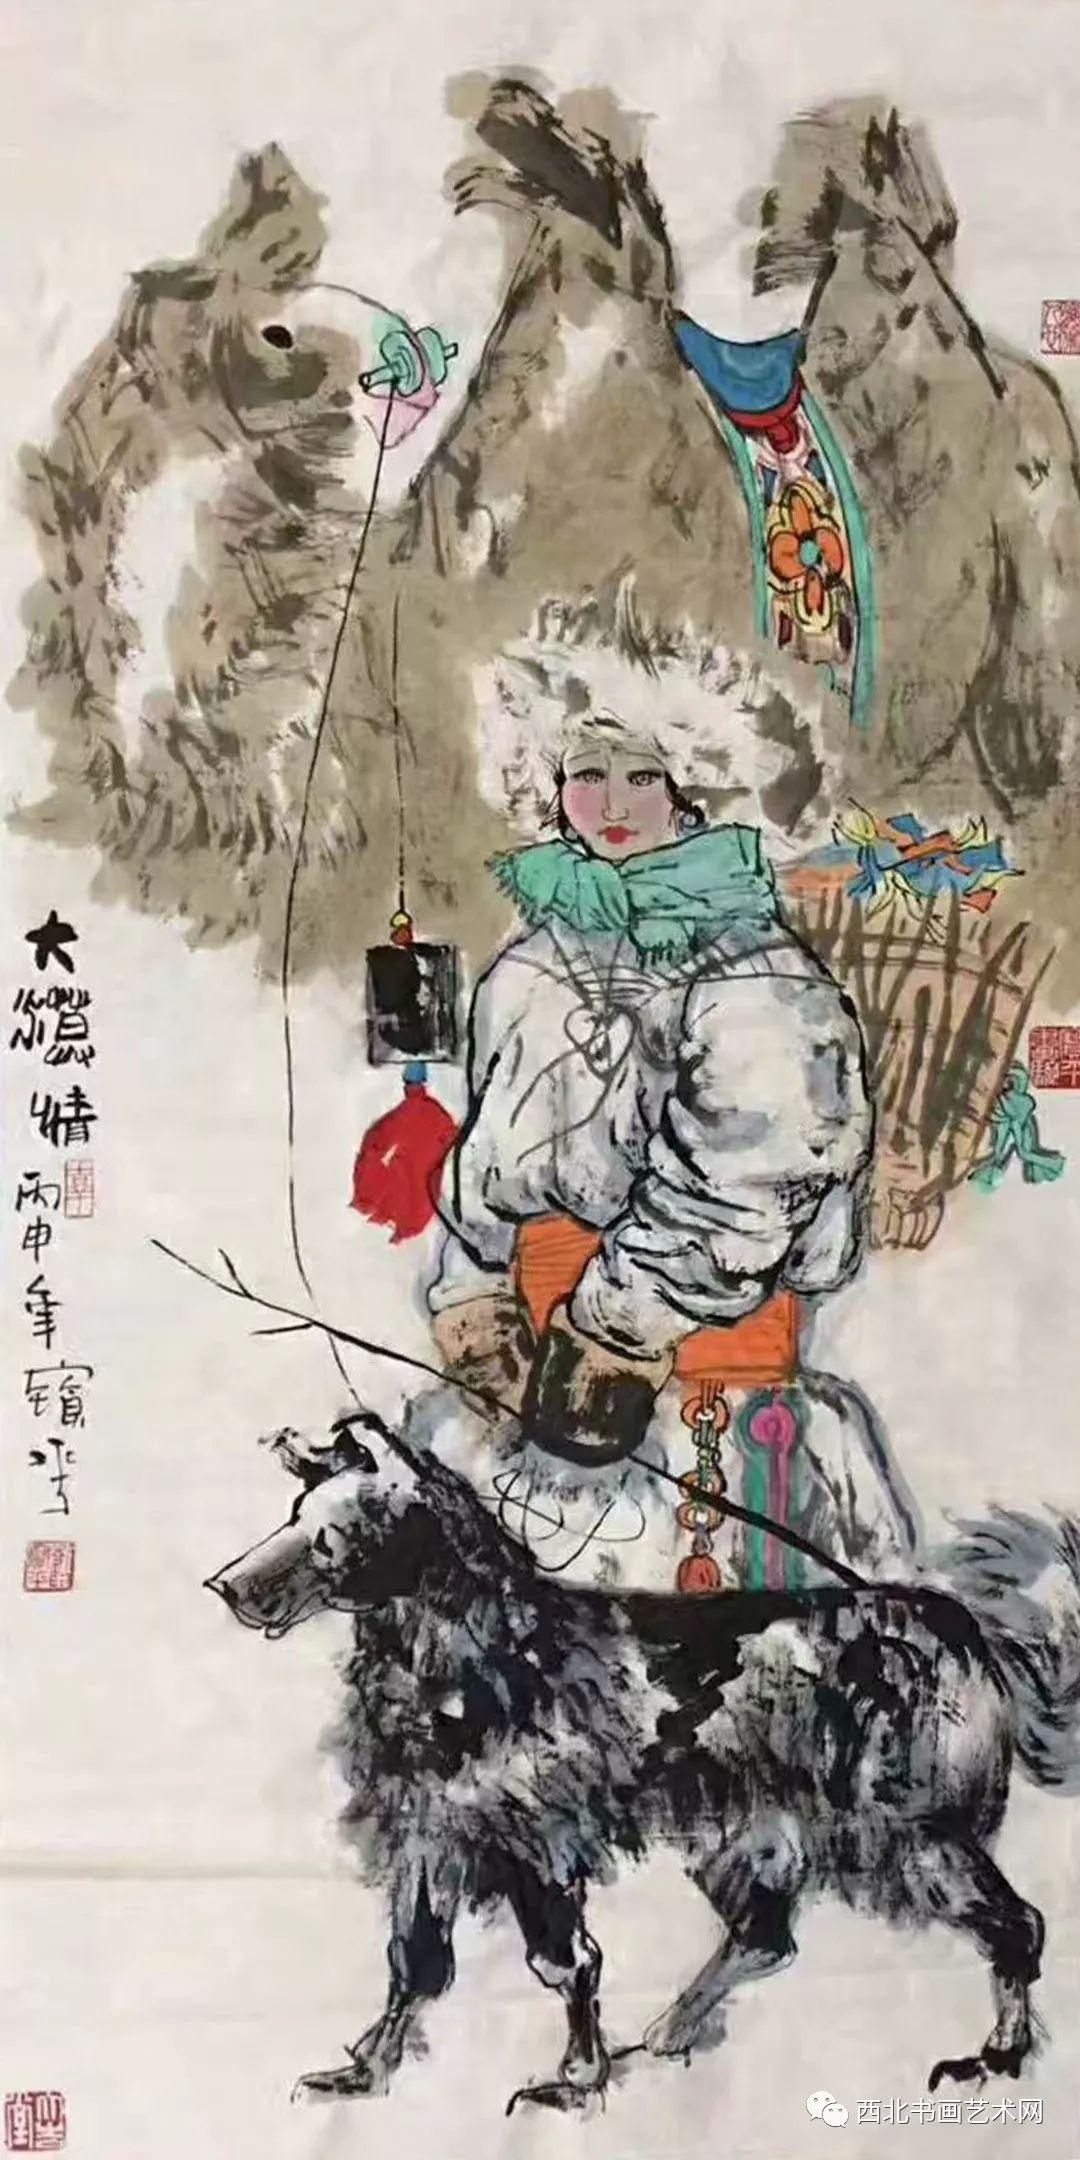 西北书画艺术网向您推荐:著名画家刘宝平 第26张